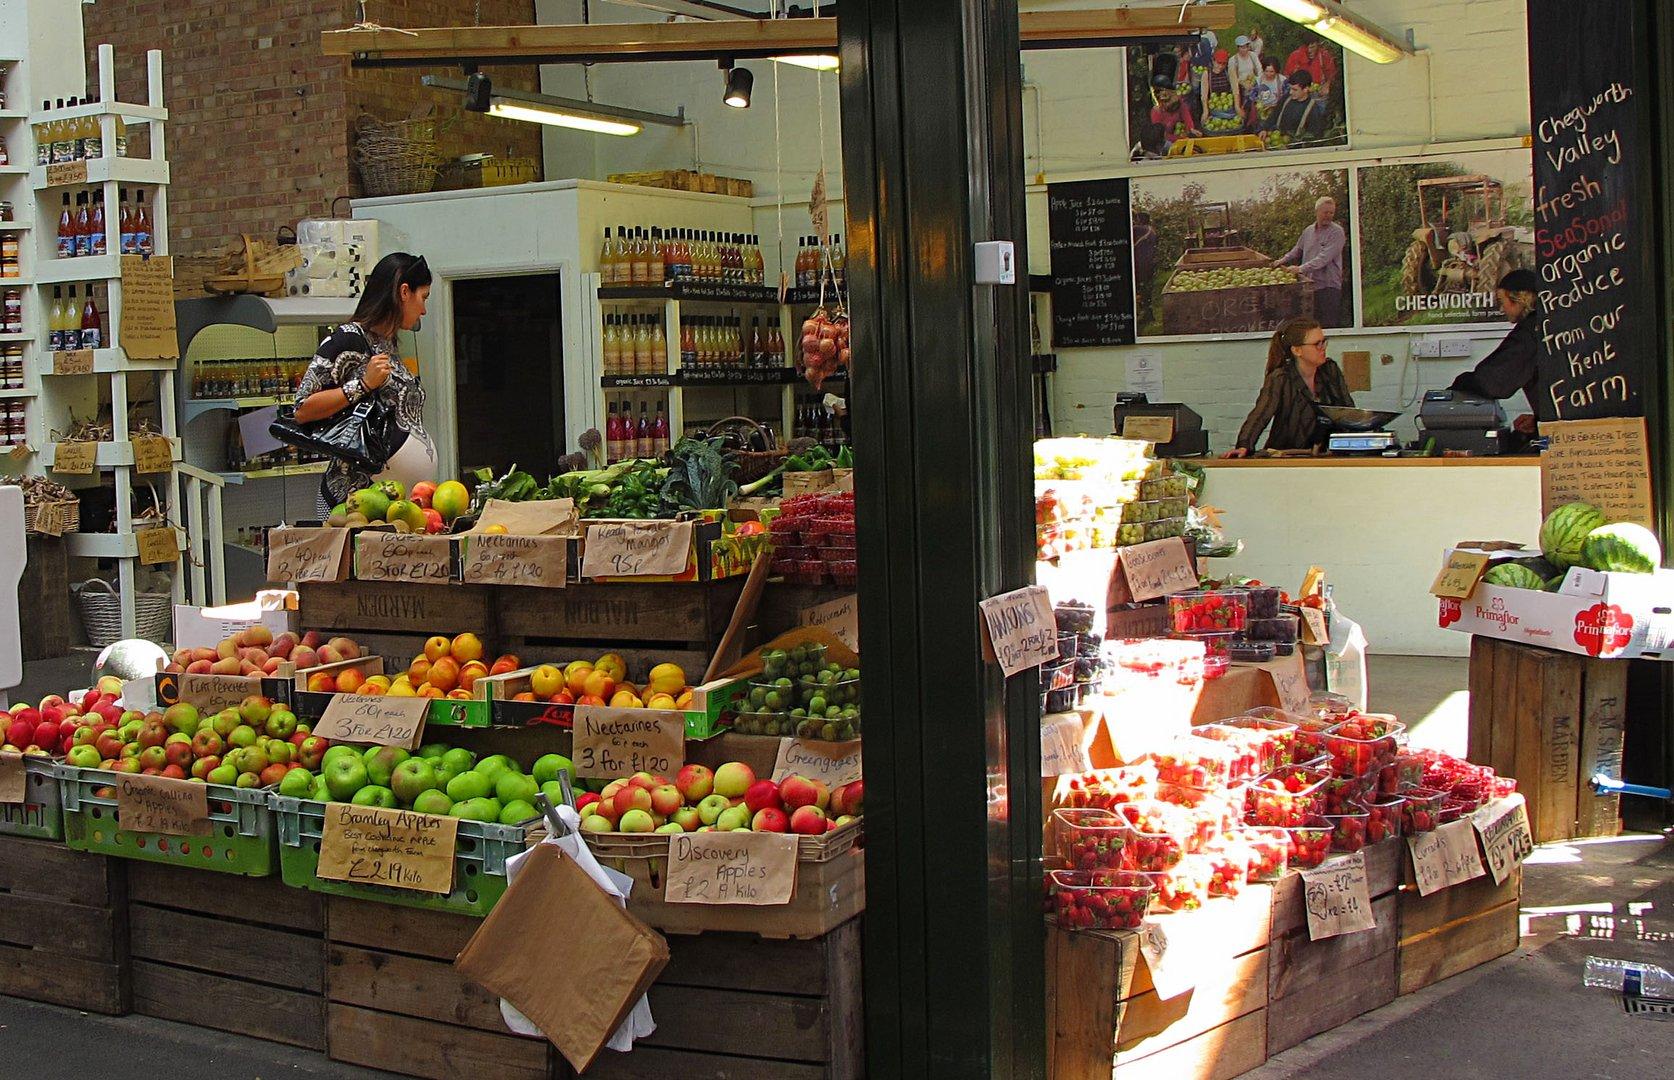 Borough Markt, für mich der beste Markt in London für Lebensmittel